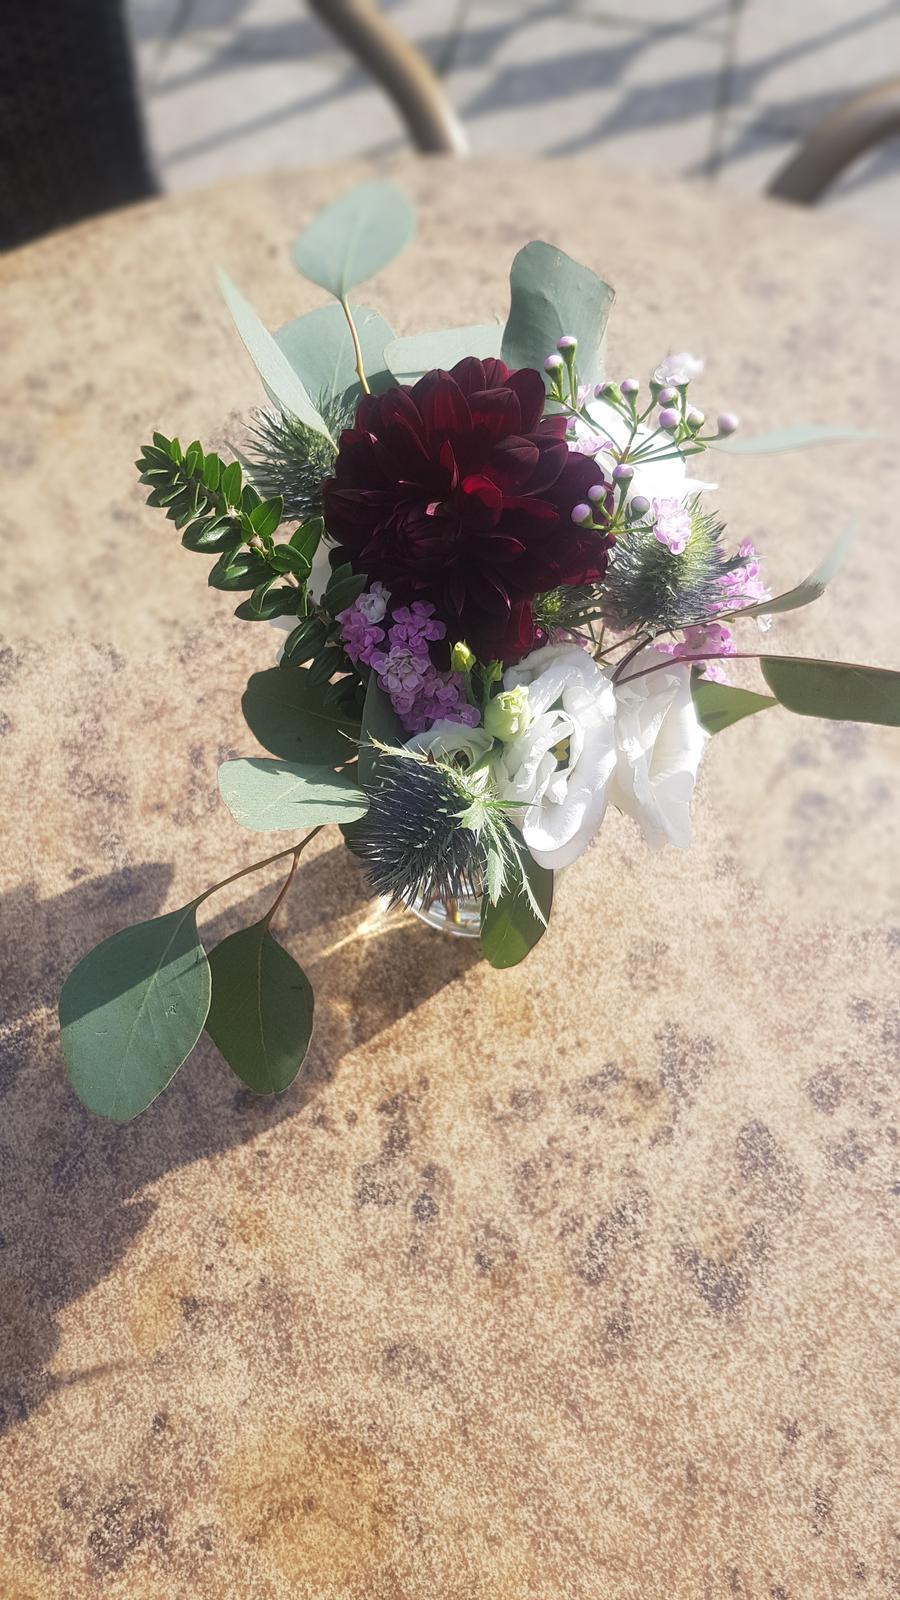 Podzimní svatba ve vínových barvách - Obrázek č. 5